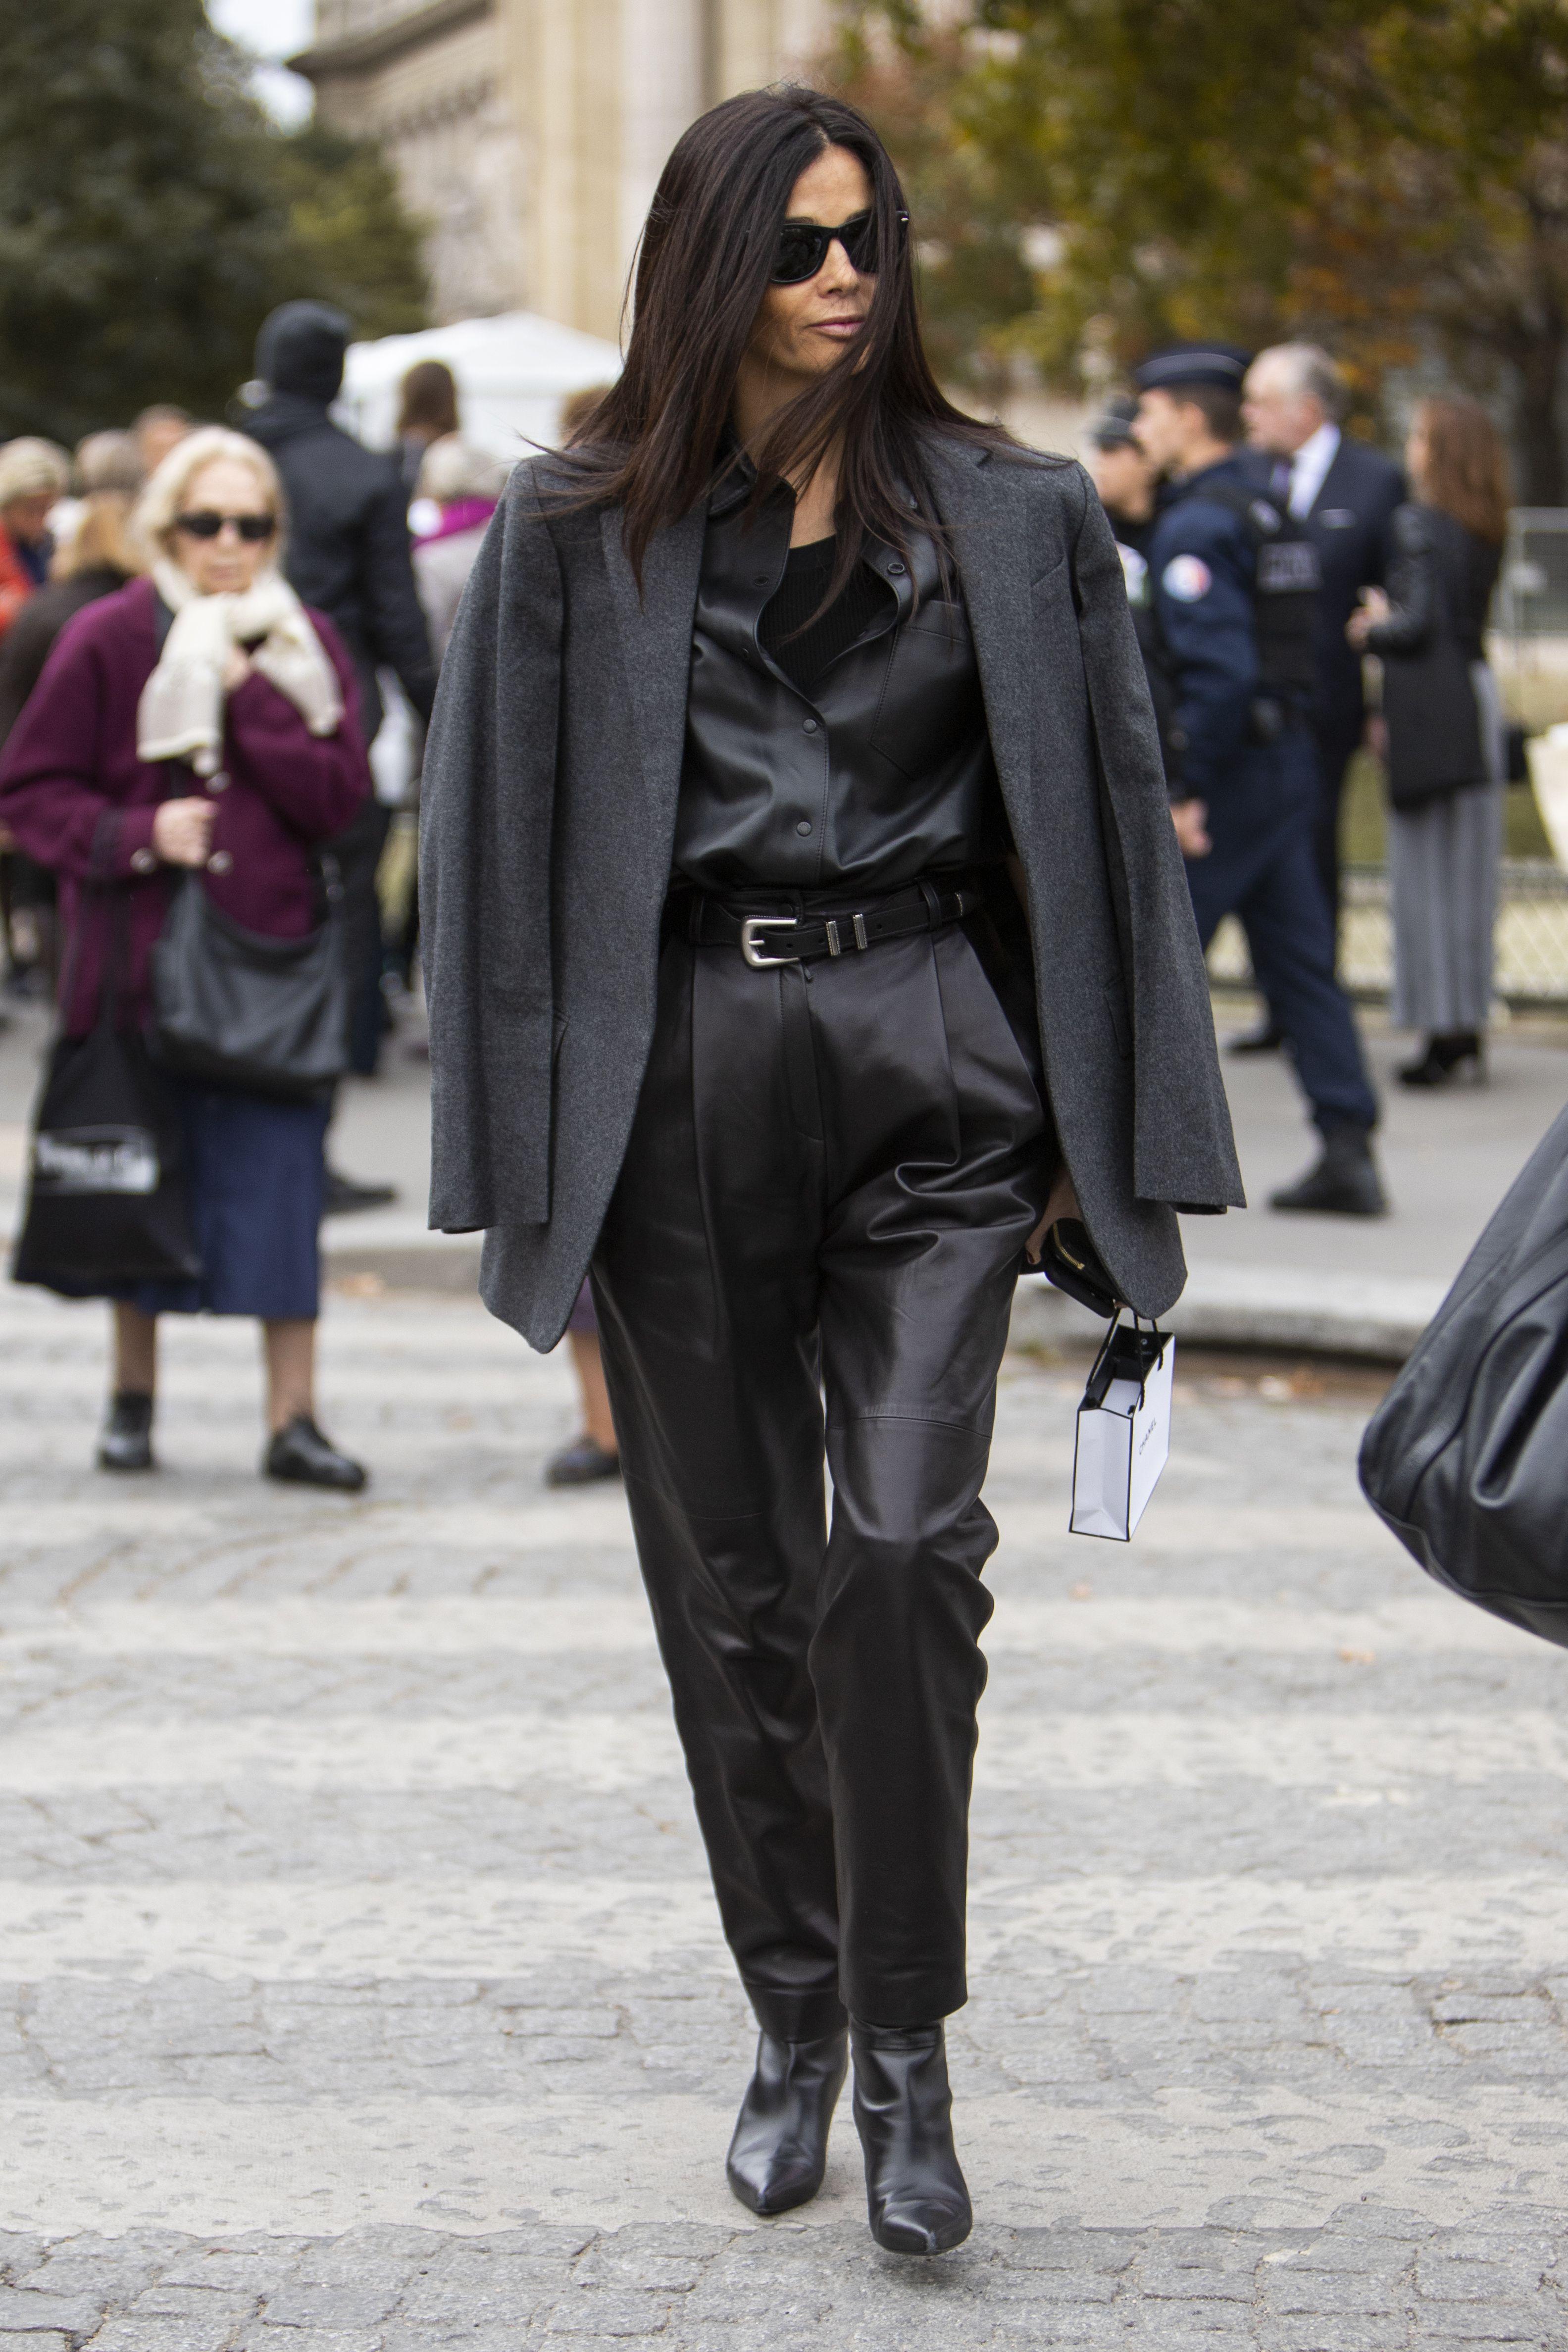 Crno od glave do pete dugo nije izgledalo tako dobro kao na ovoj modnoj konzultantici